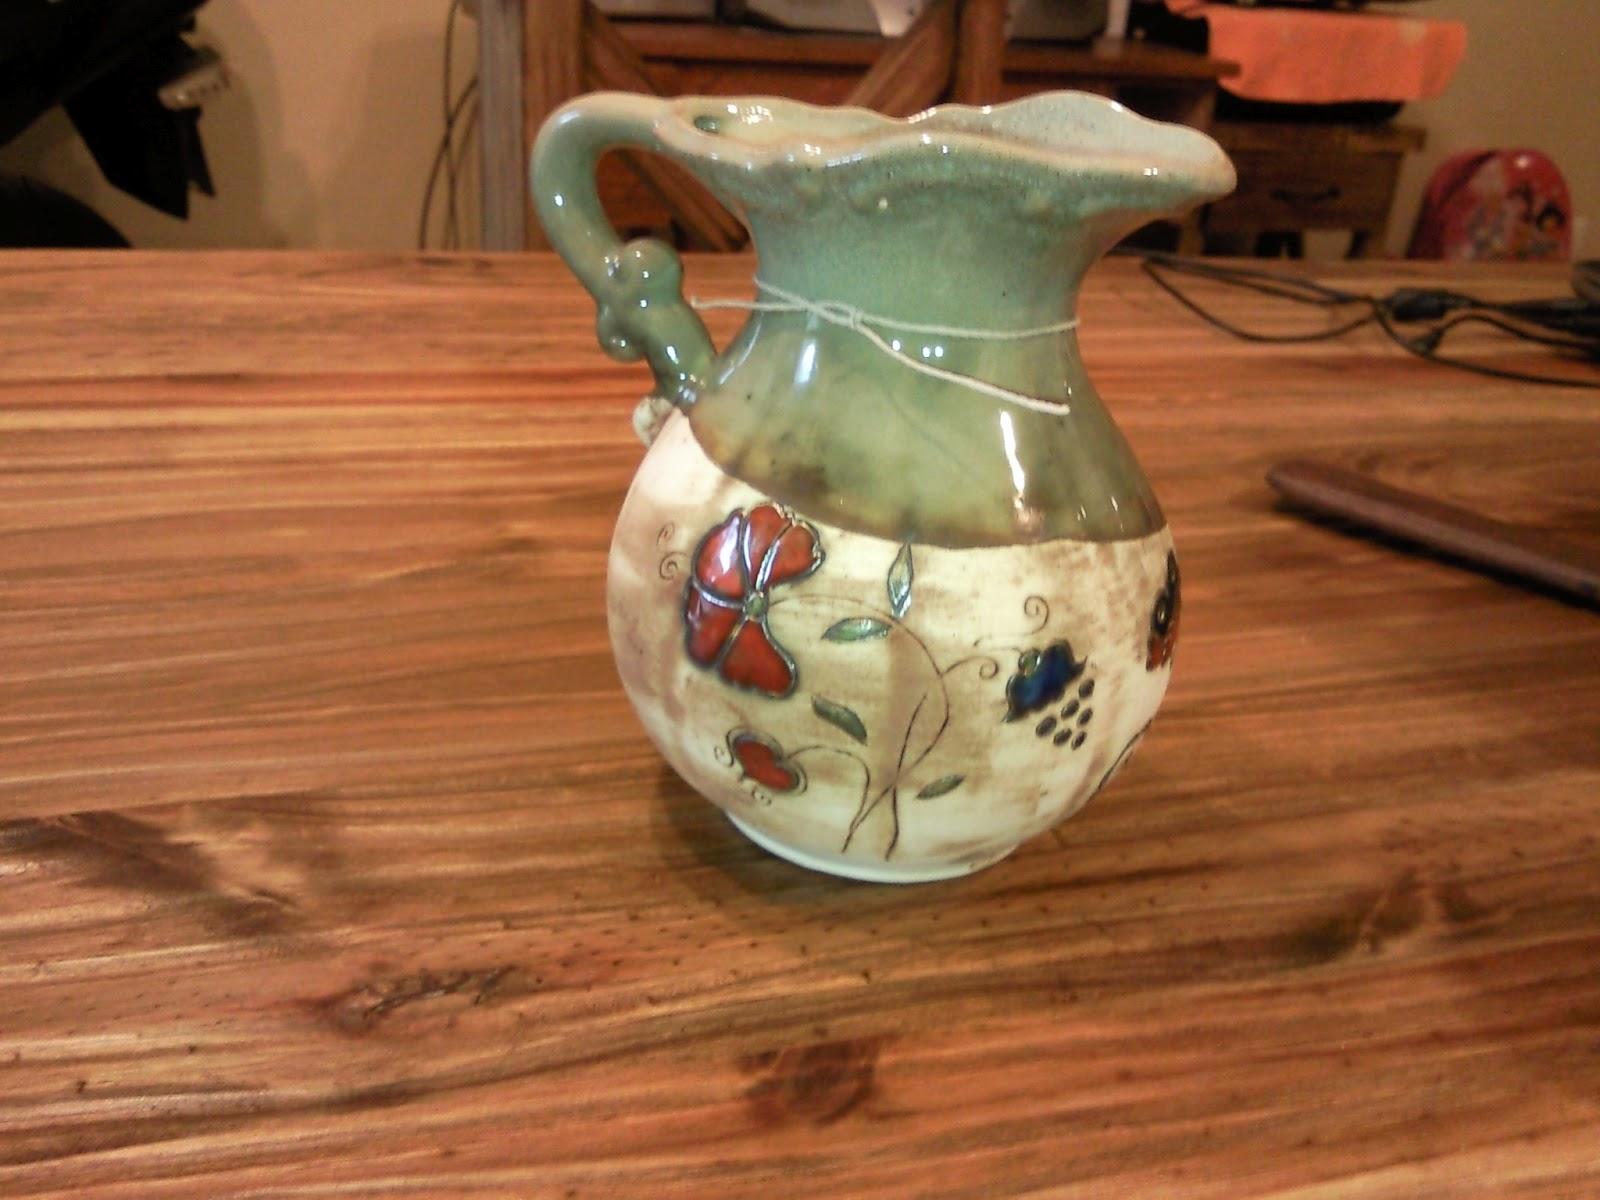 Cer mica artesanal geo Gea ceramica artesanal